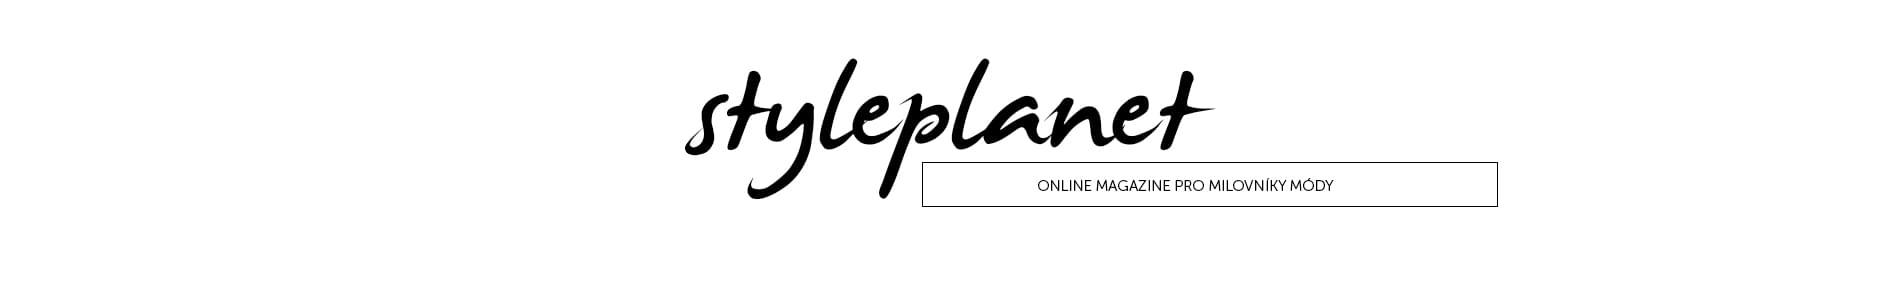 Nakupujte on-line